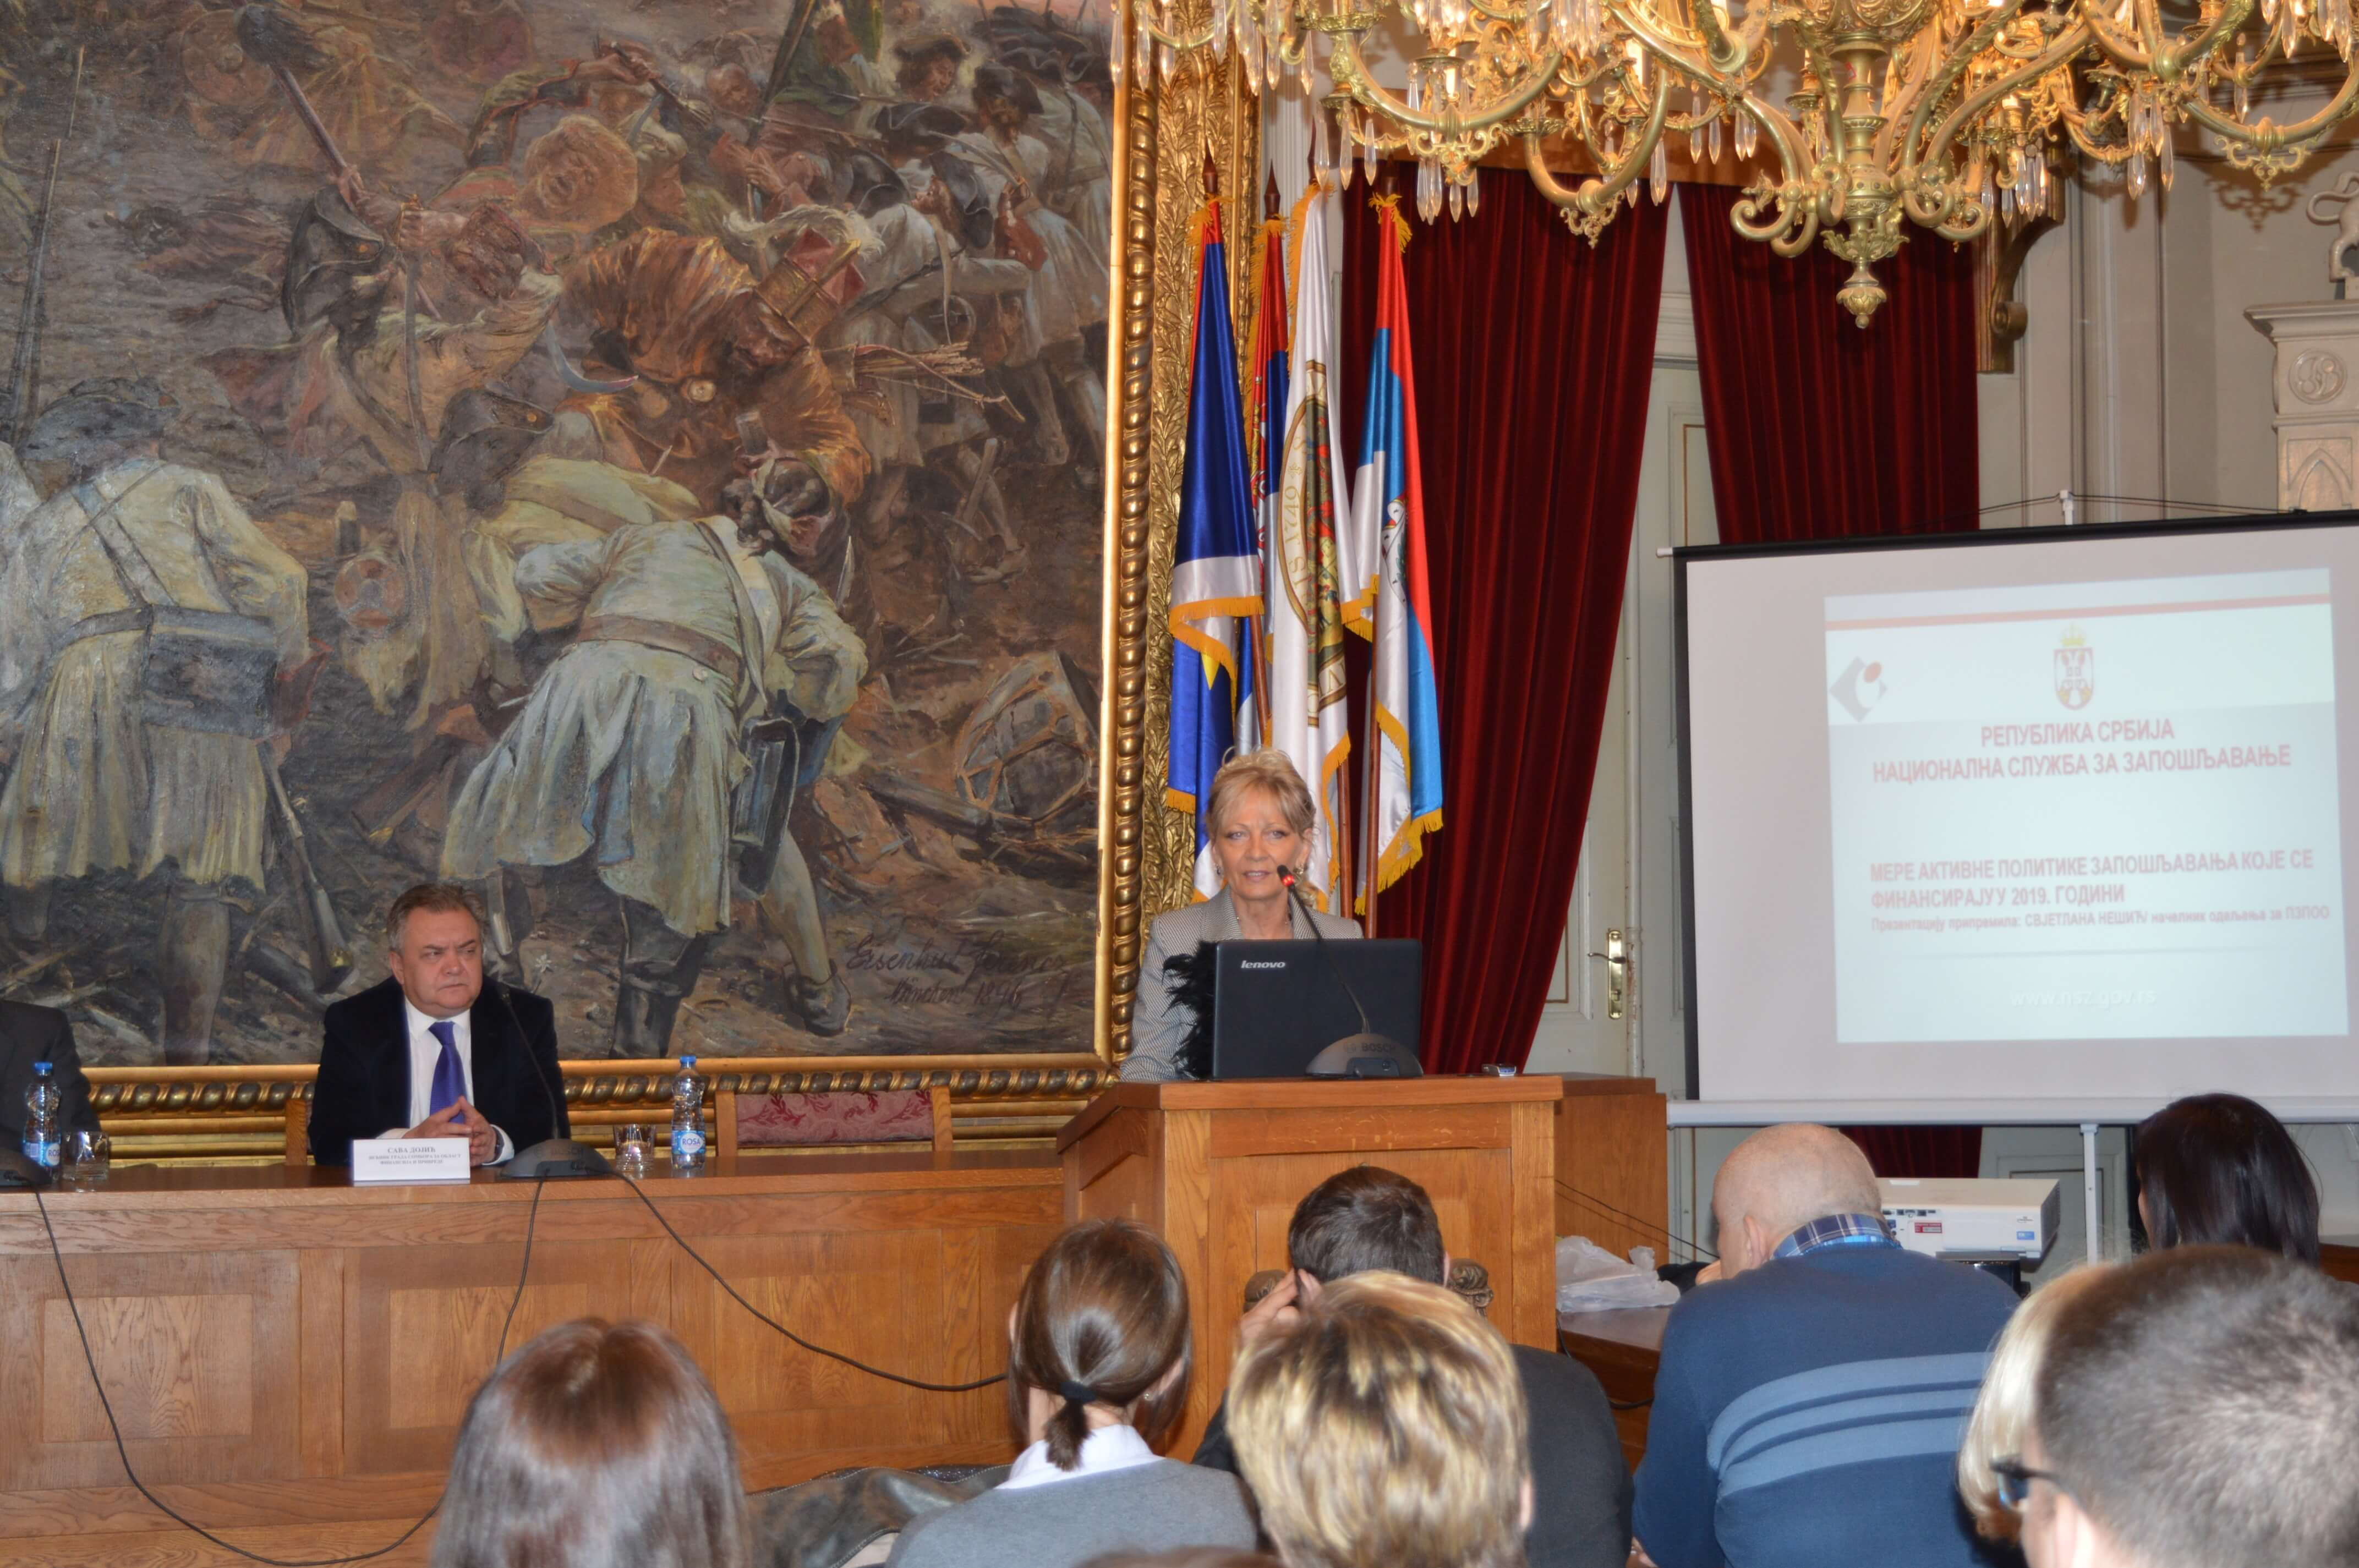 Начелница одељења за ПЗПОО Светлана Нешић је водила презентацију